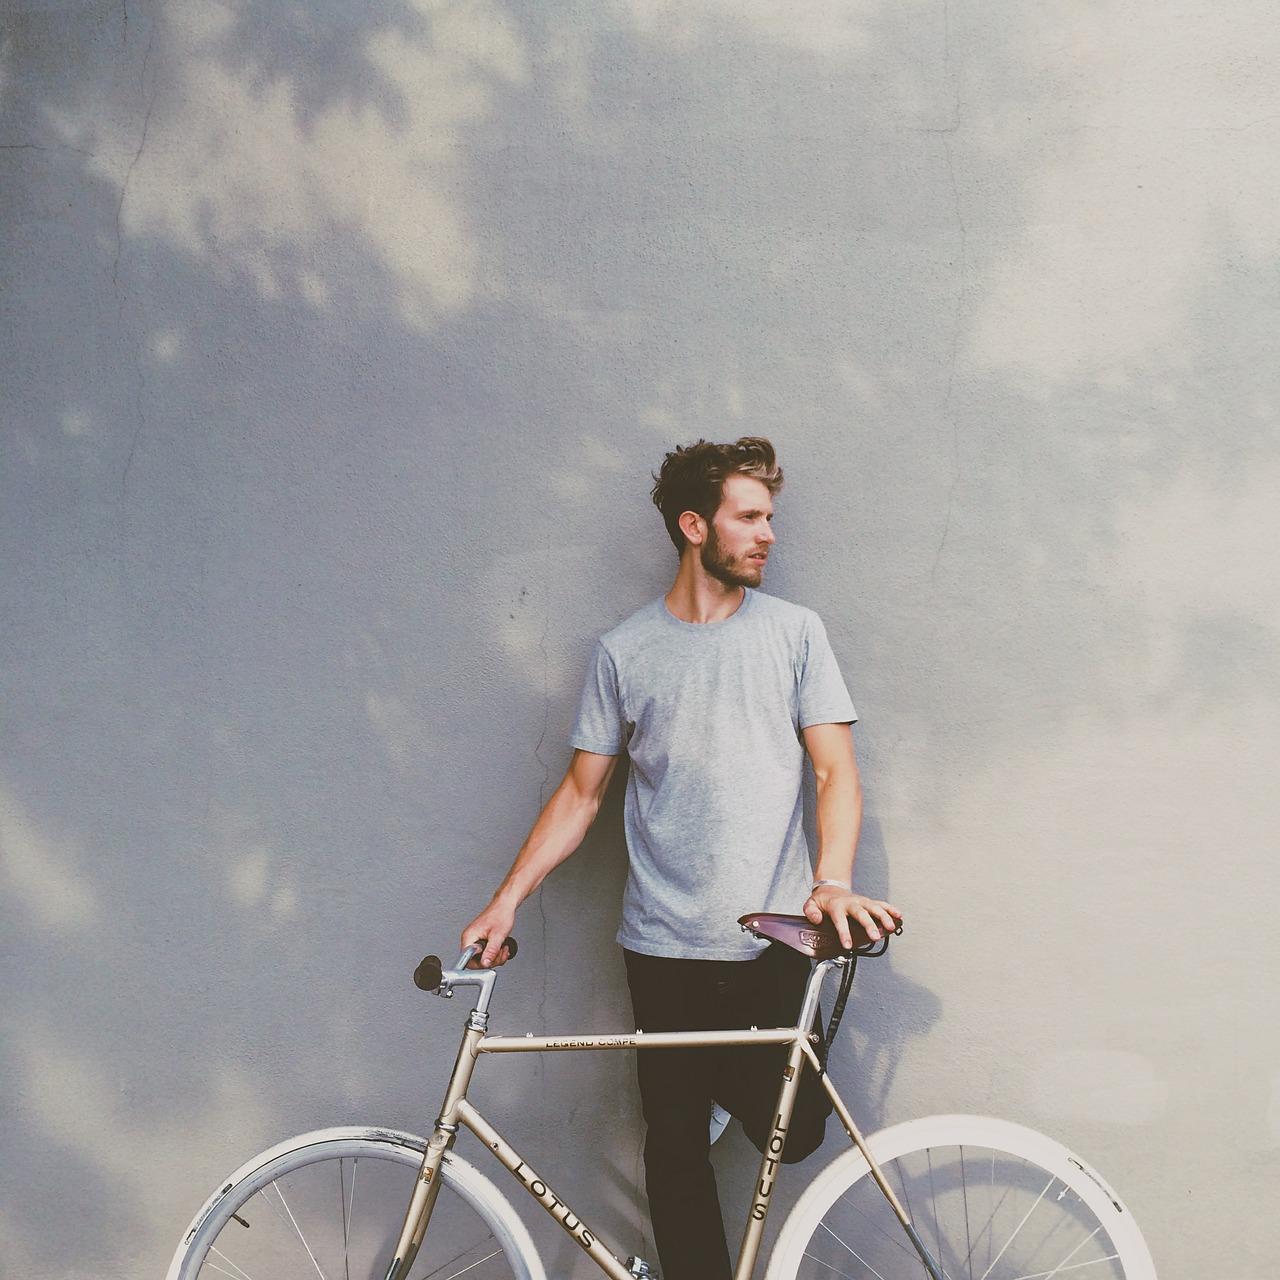 die passende fahrradgr e berechnen so funktioniert s. Black Bedroom Furniture Sets. Home Design Ideas